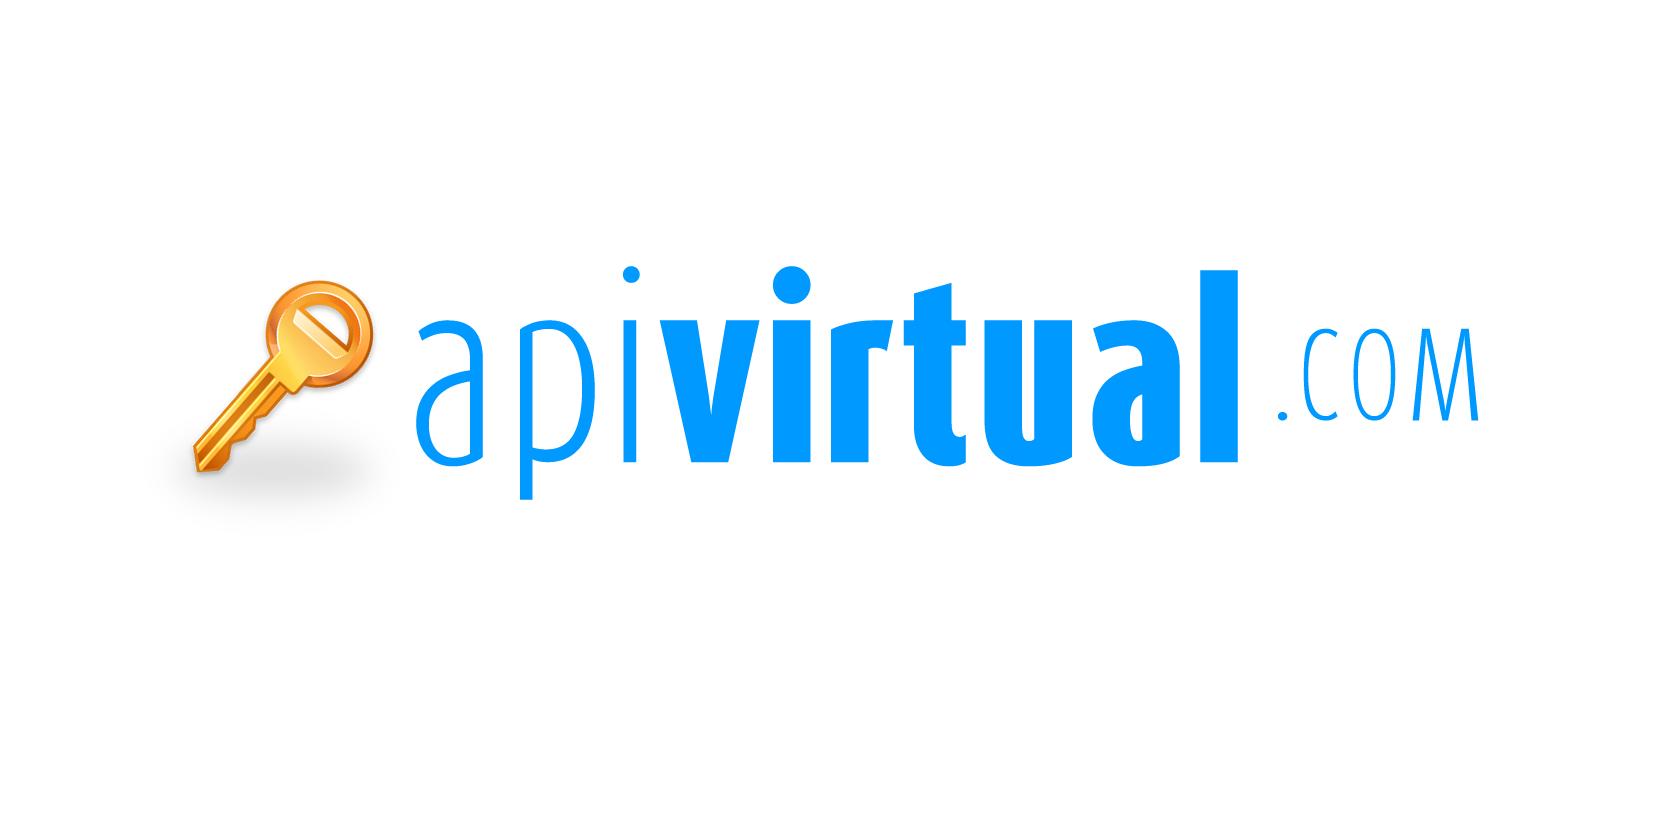 Apivirtual